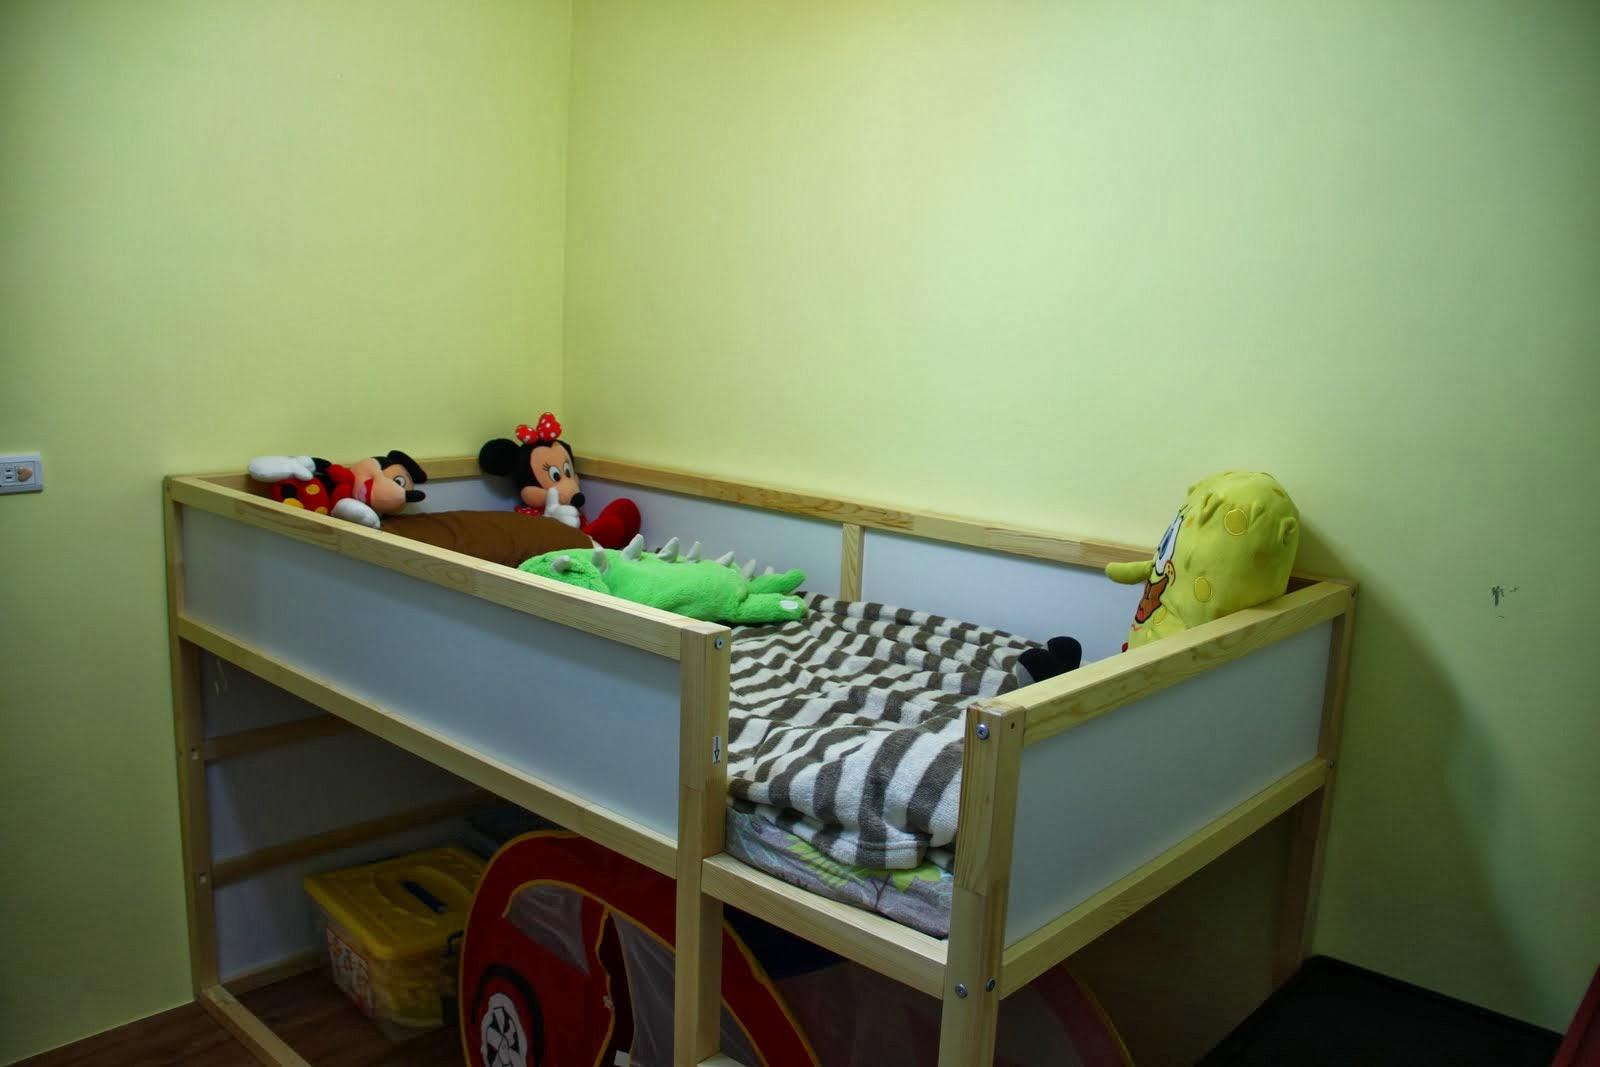 謝寶幸福窩: 謝寶的IKEA翻轉床+粉紅城堡(兒童床帳篷)還有扶手跳床資訊